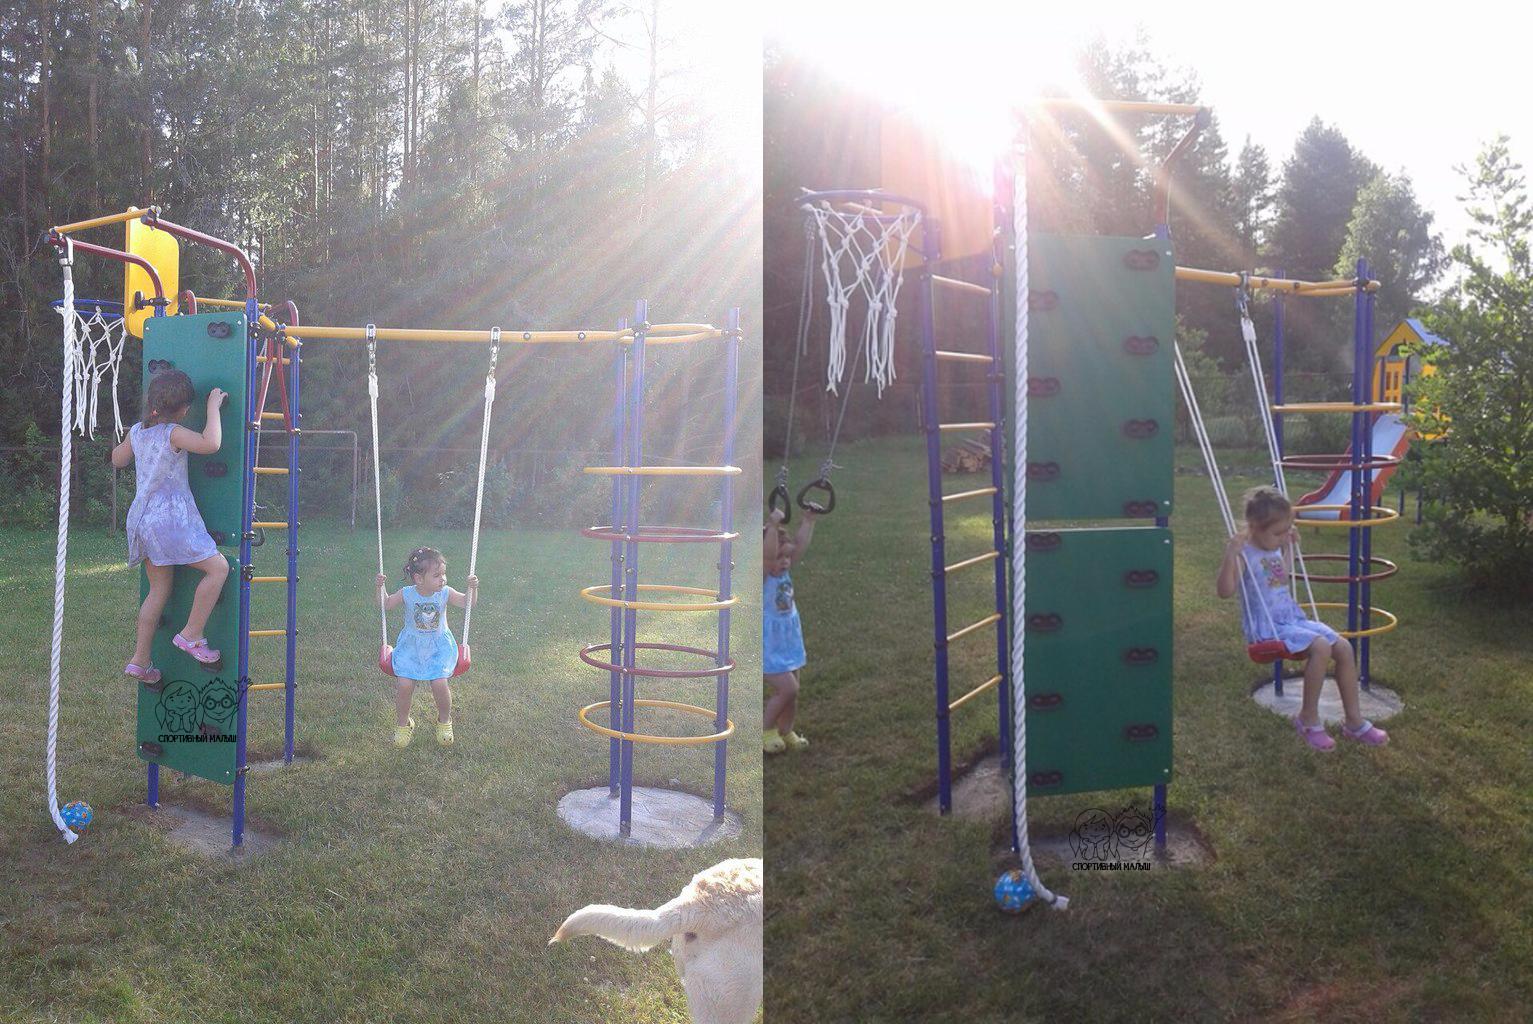 Детская уличная спортивно-игровая площадка Скалодром-15 Романа, отзыв покупателя